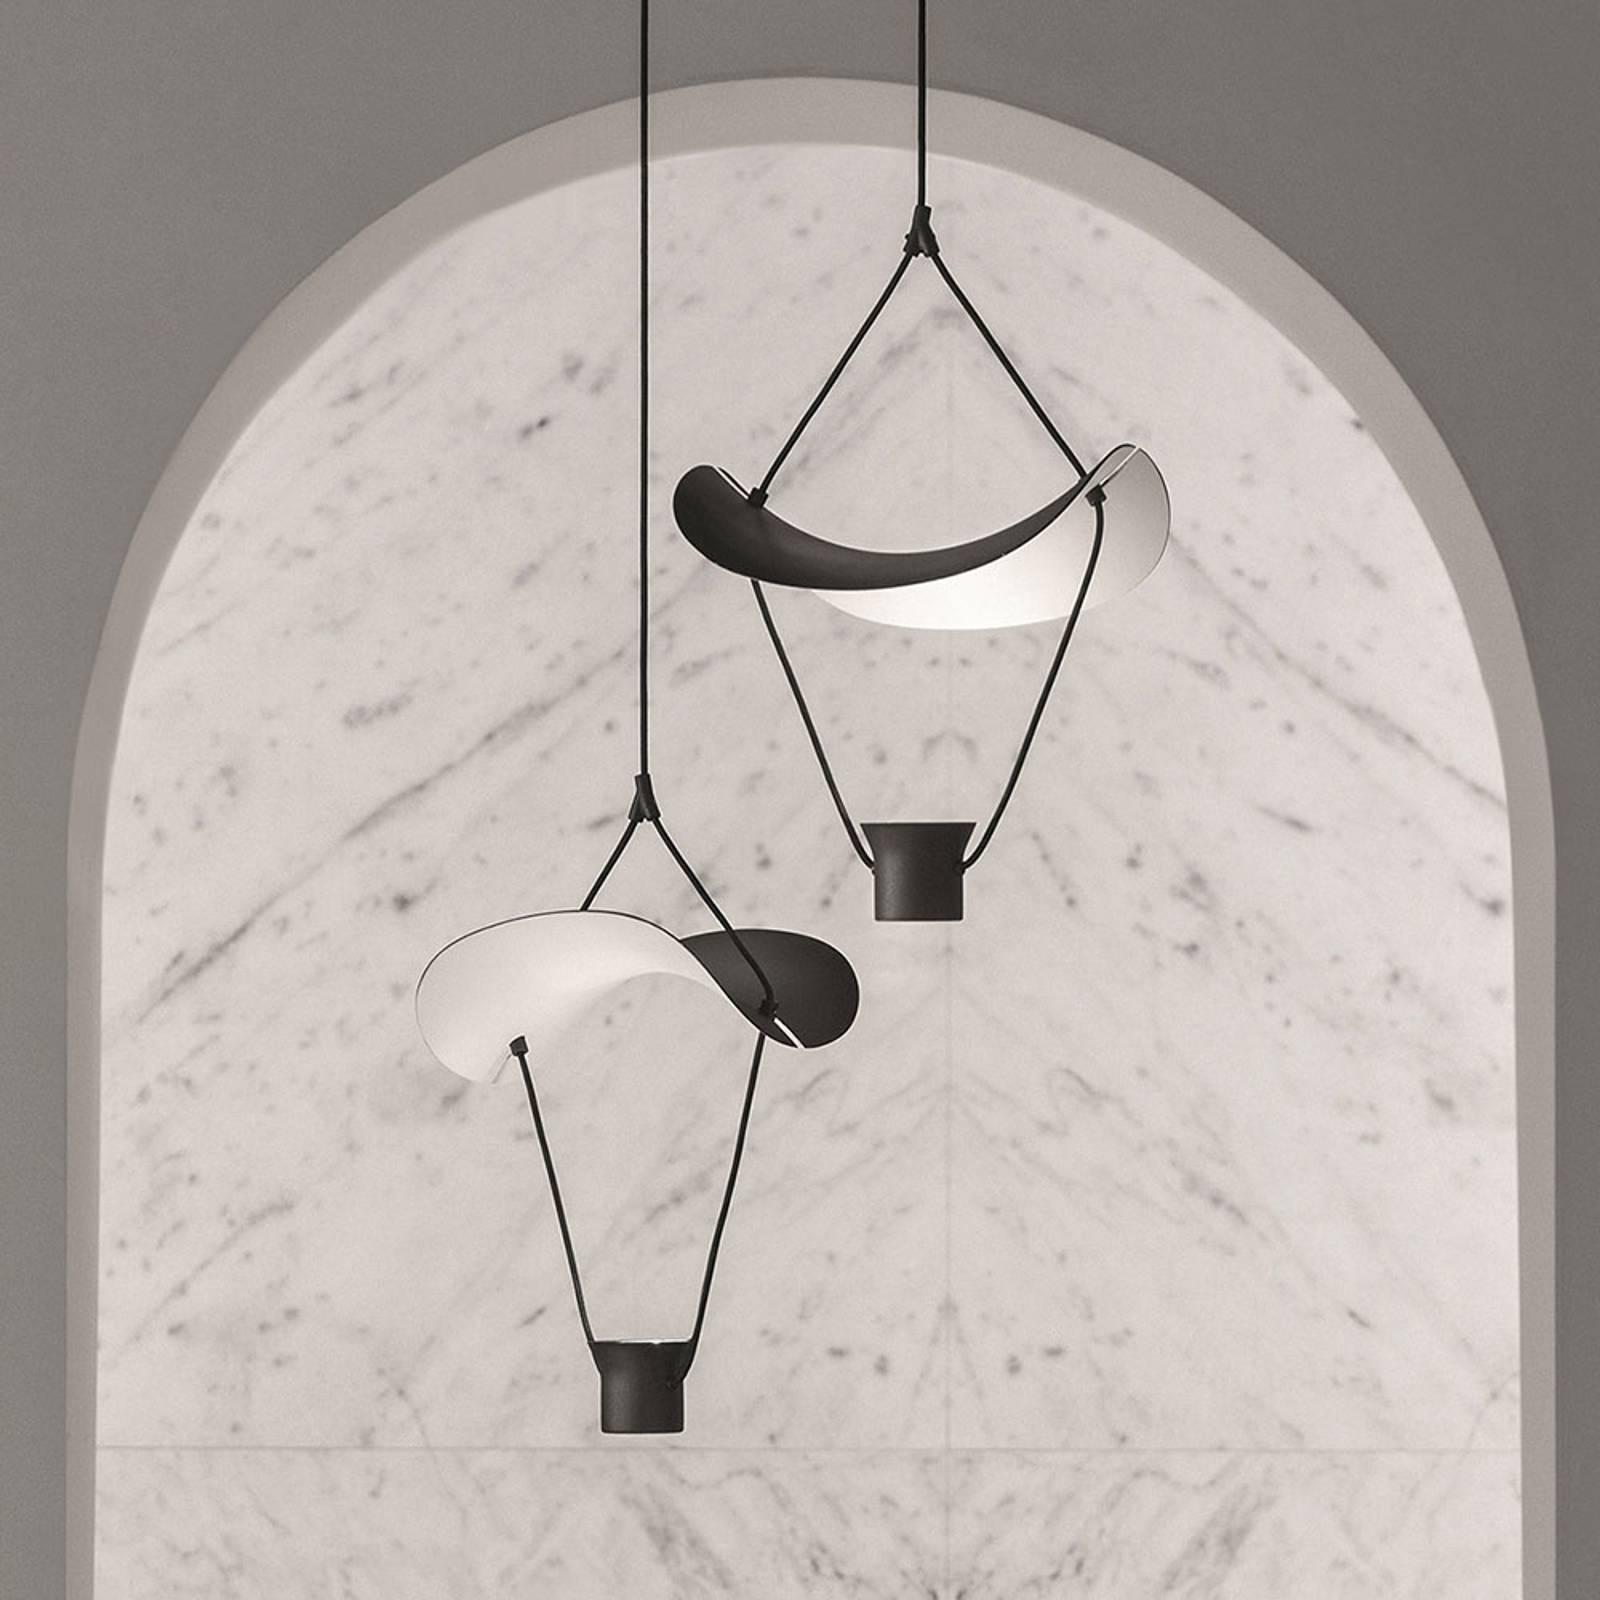 LED-Hängeleuchte Vollee S1 P, 44cm, Up, schwarz